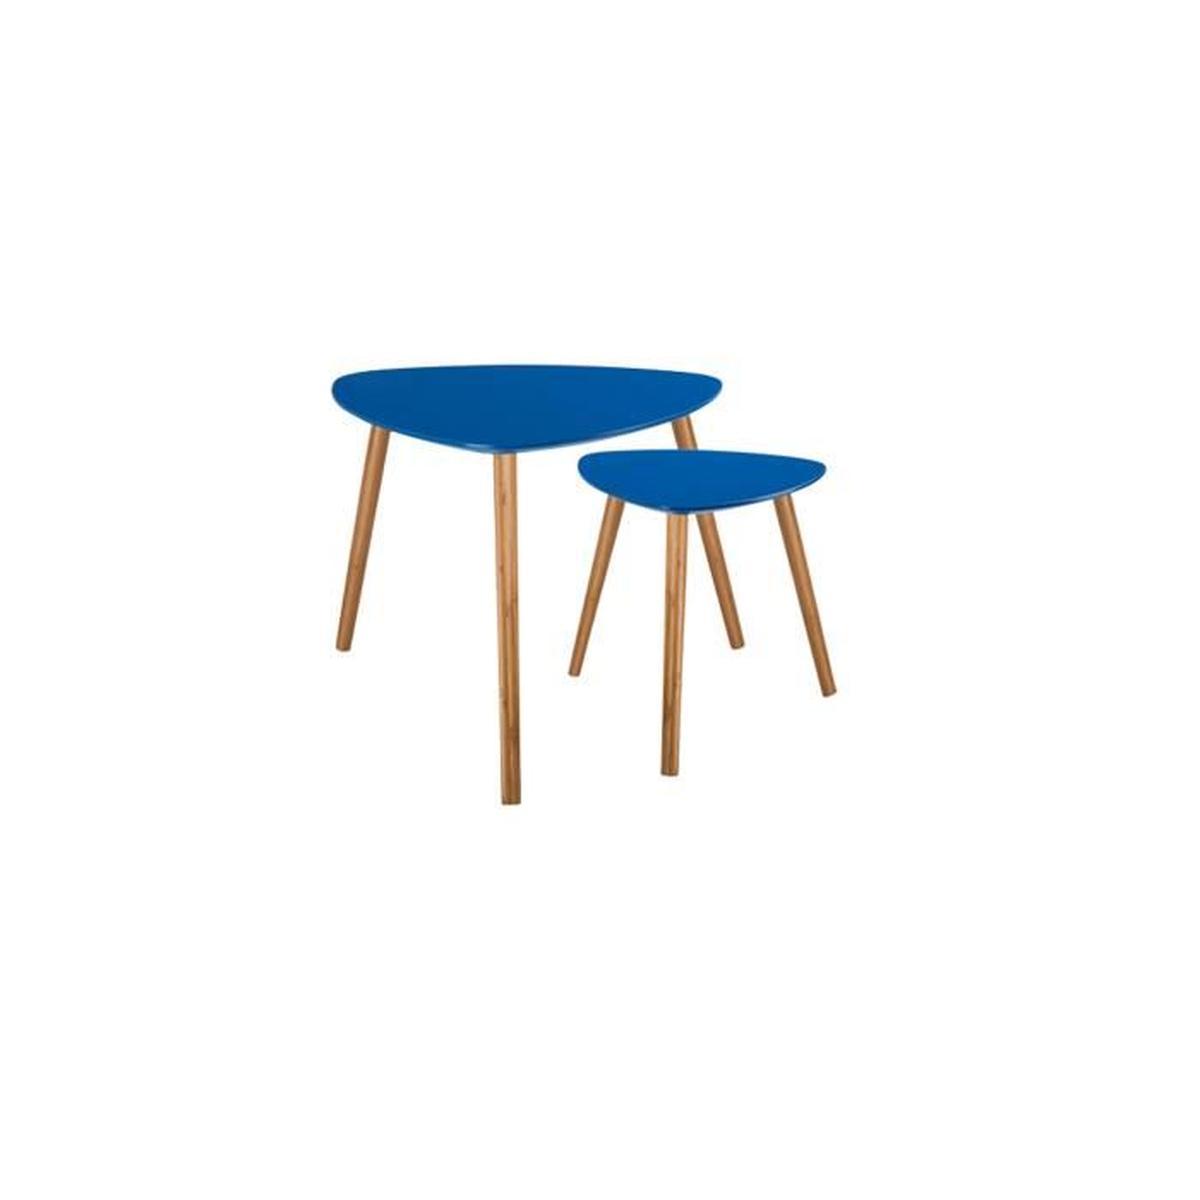 Table scandinave bleu canard